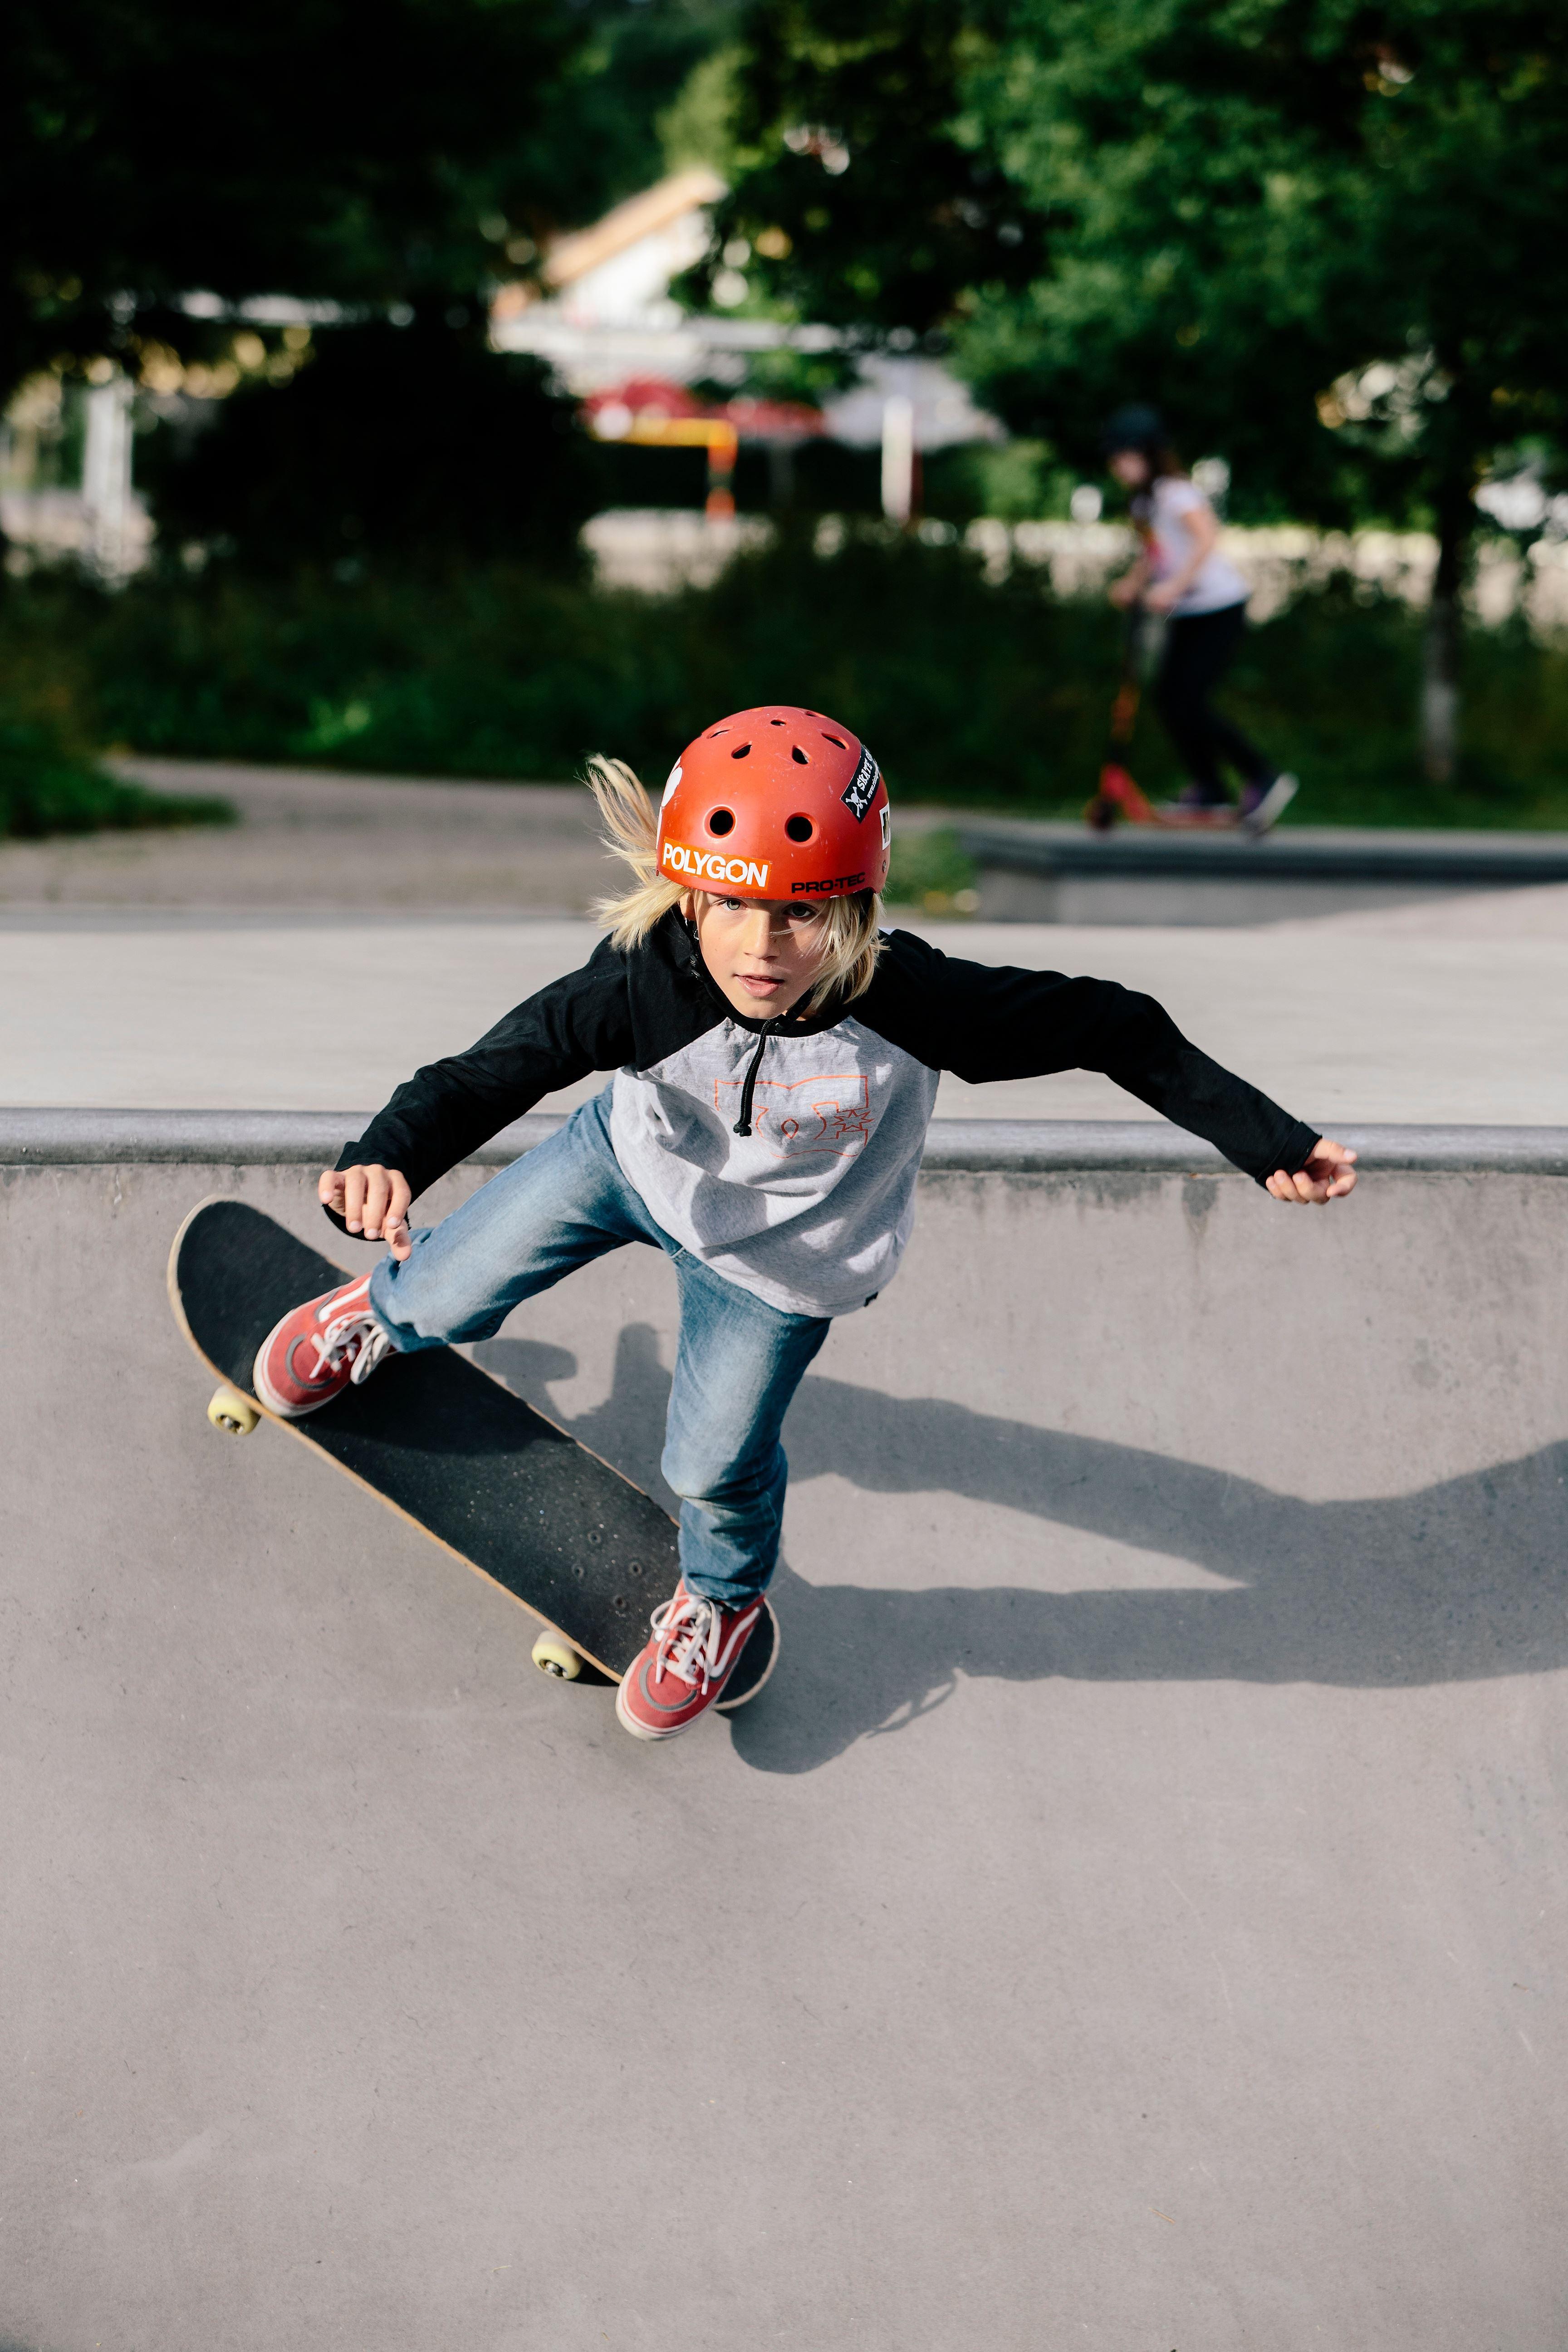 Jonas Ljungdahl, Växjö Skate-Park, Spetsamossen